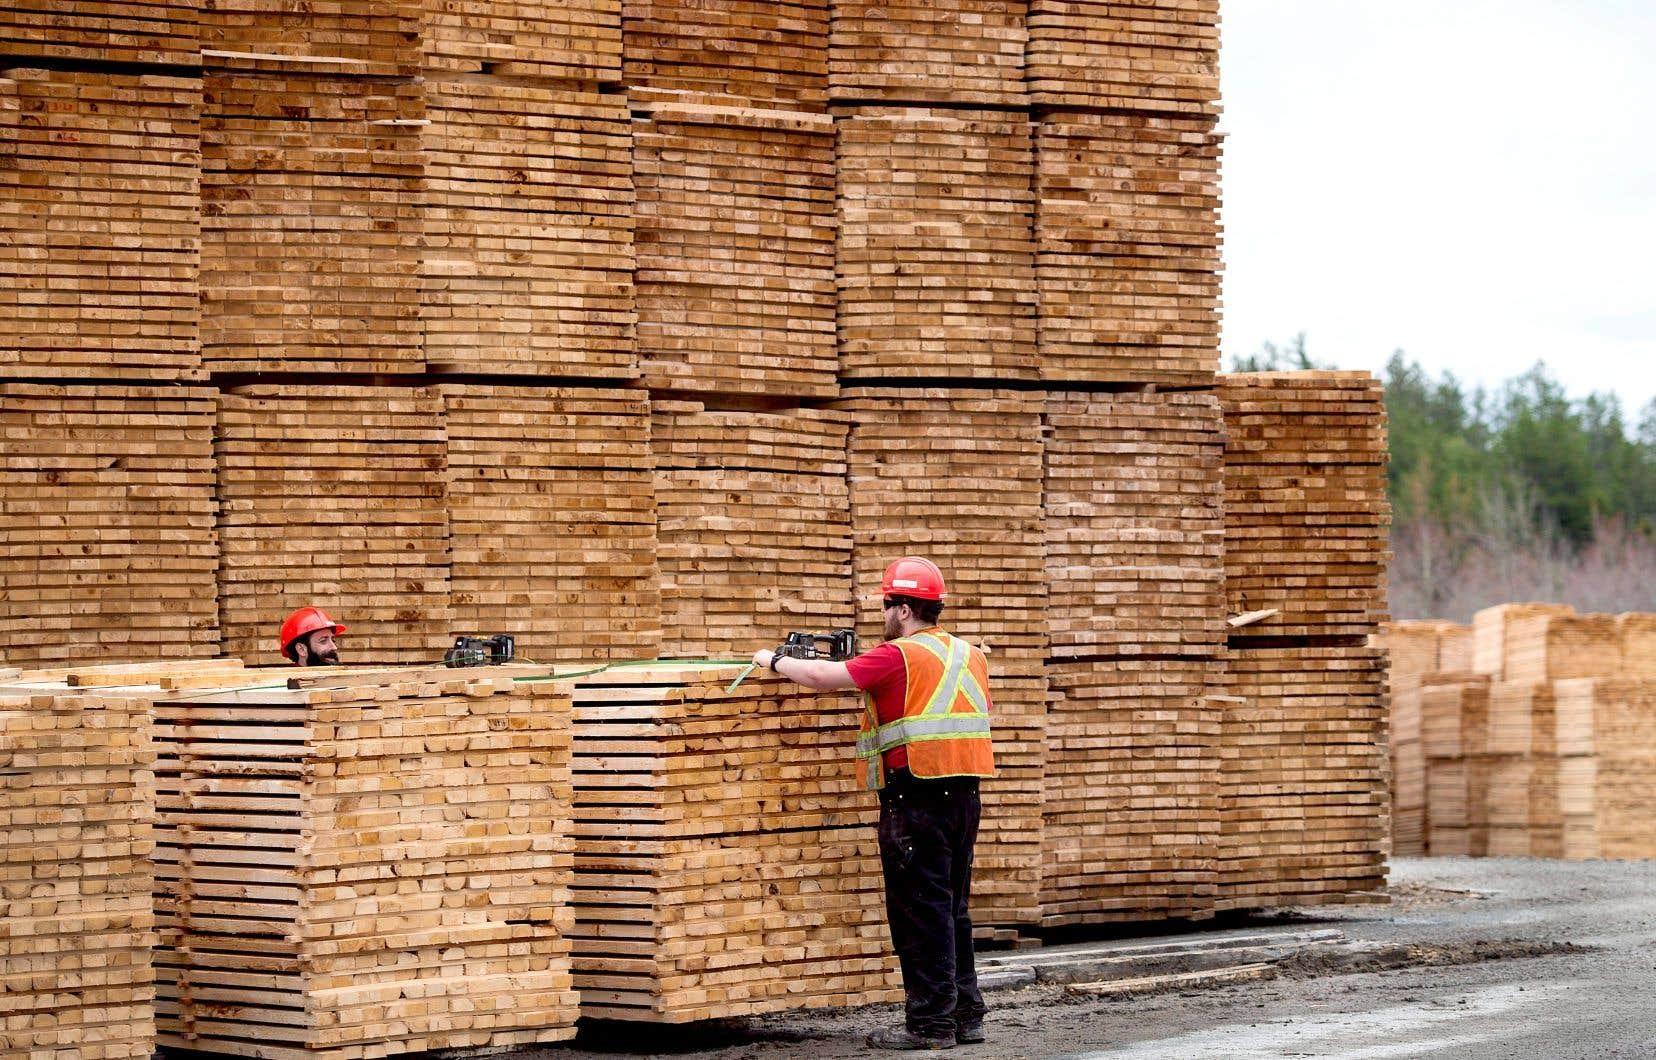 Pour le p.-d.g. du Conseil de l'industrie forestière du Québec, Jean-François Samray, les scieries américaines pourront conserver un avantage concurrentiel par rapport aux entreprises canadiennes.